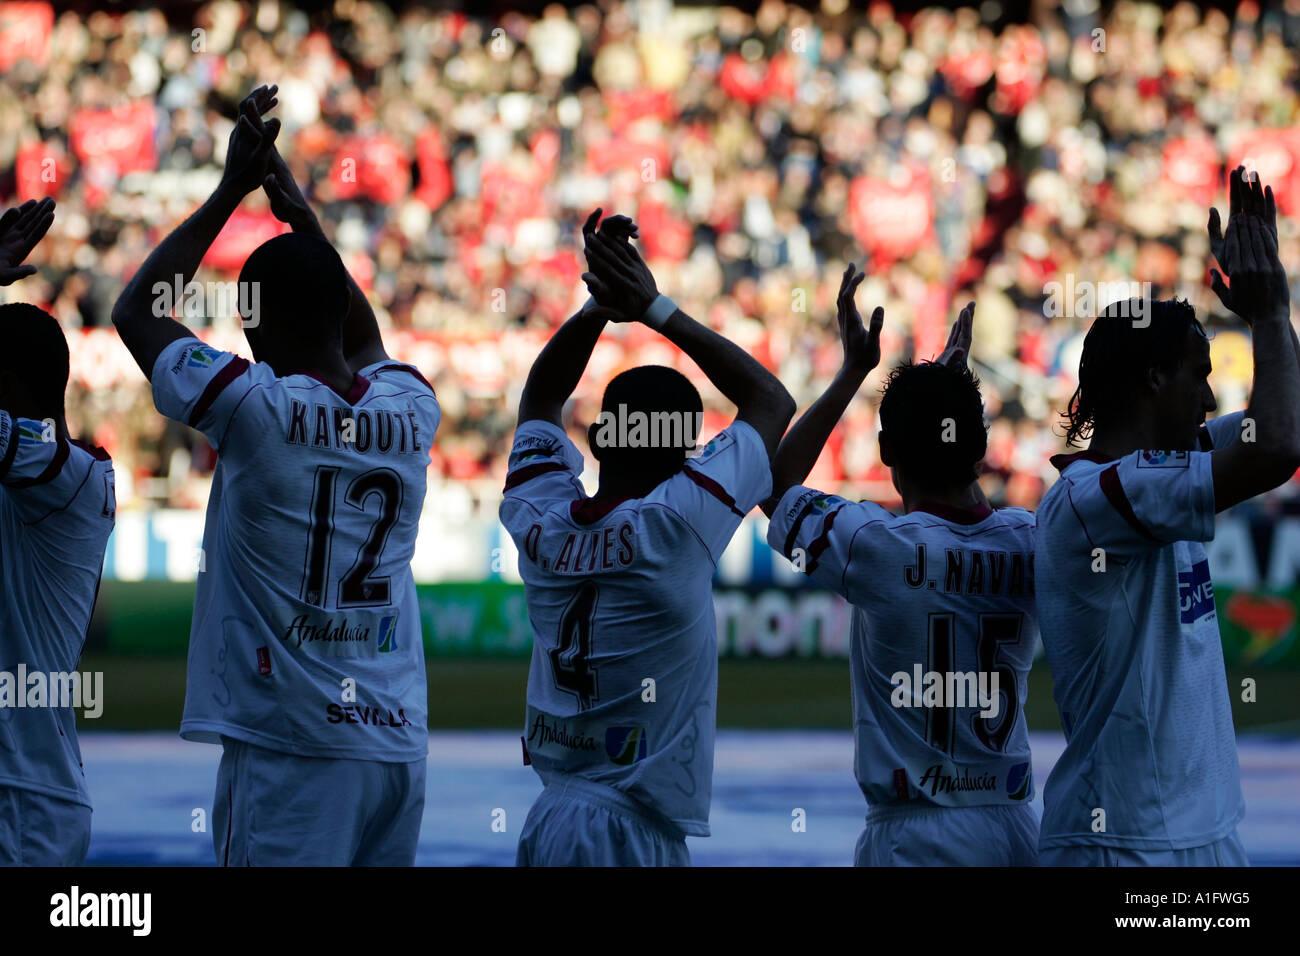 Esbozó Sevilla FC jugadores saludando y aplaudiendo a sus fans antes de un partido Imagen De Stock